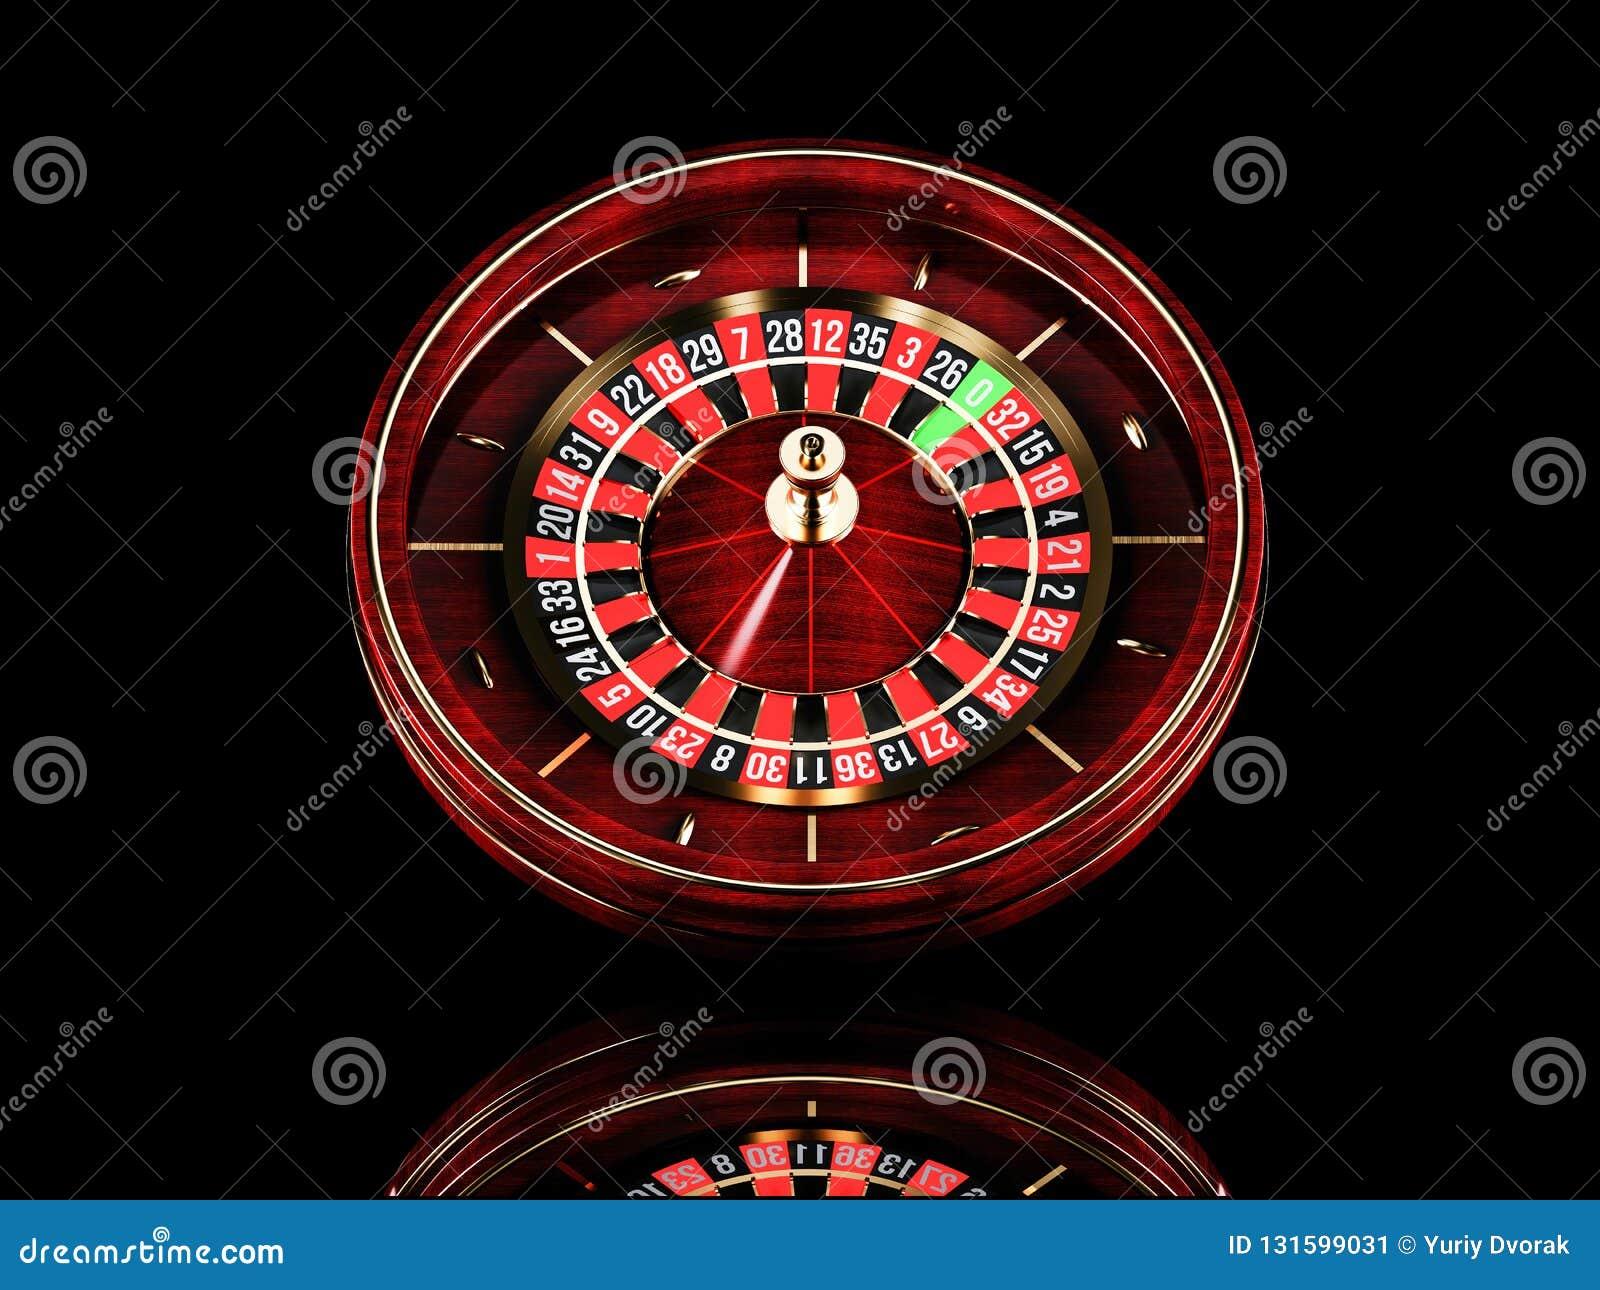 free online gambling no deposit